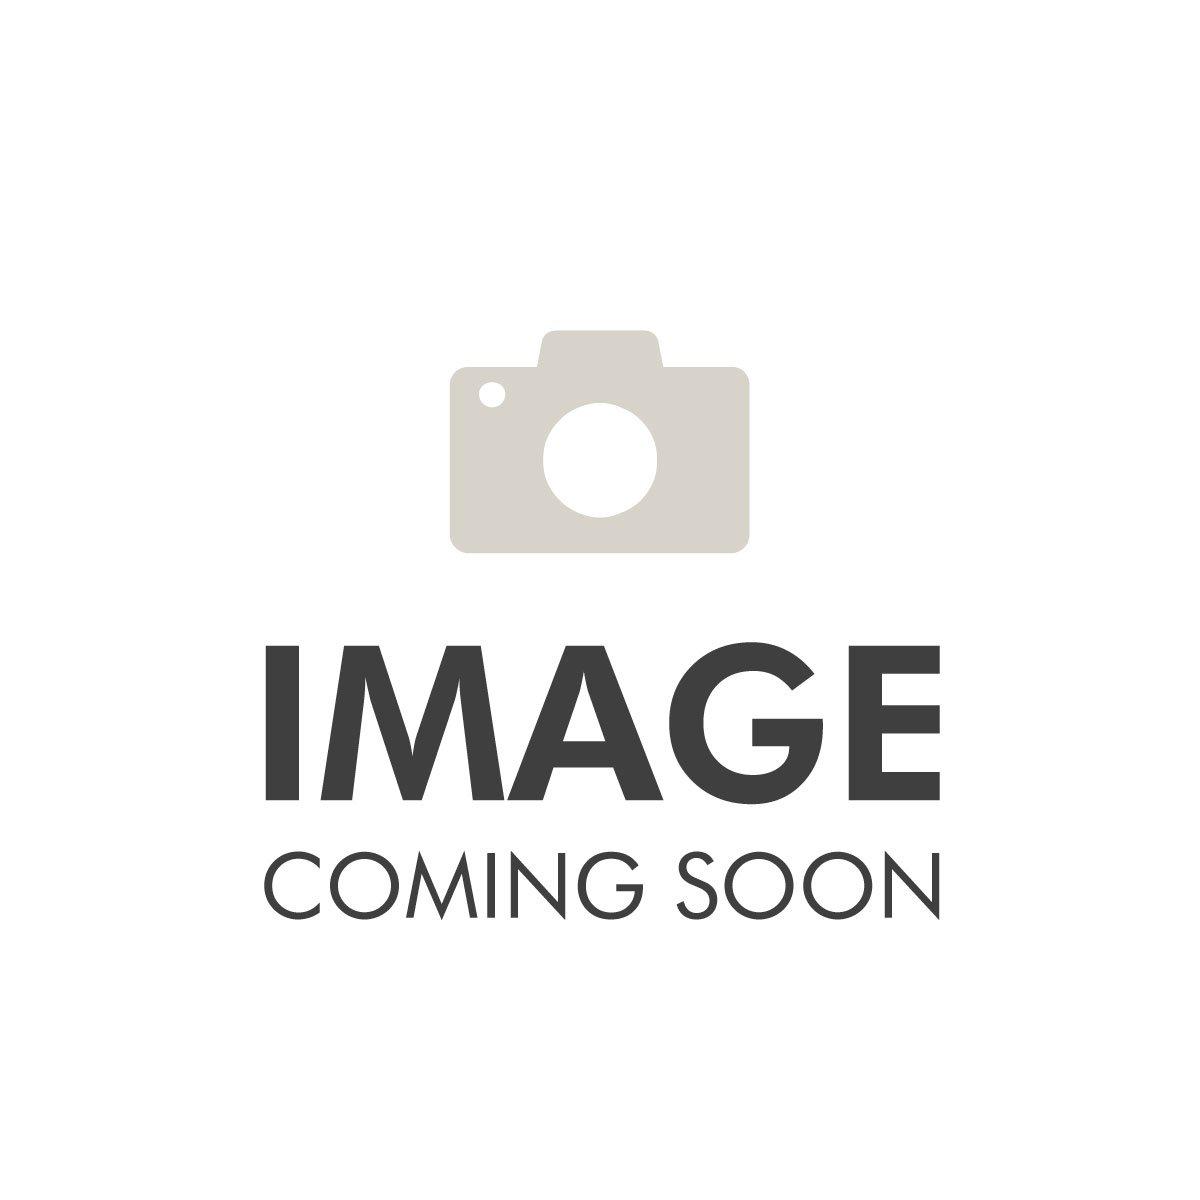 Allstar - Fil pour fil de corps fleuret/sabre